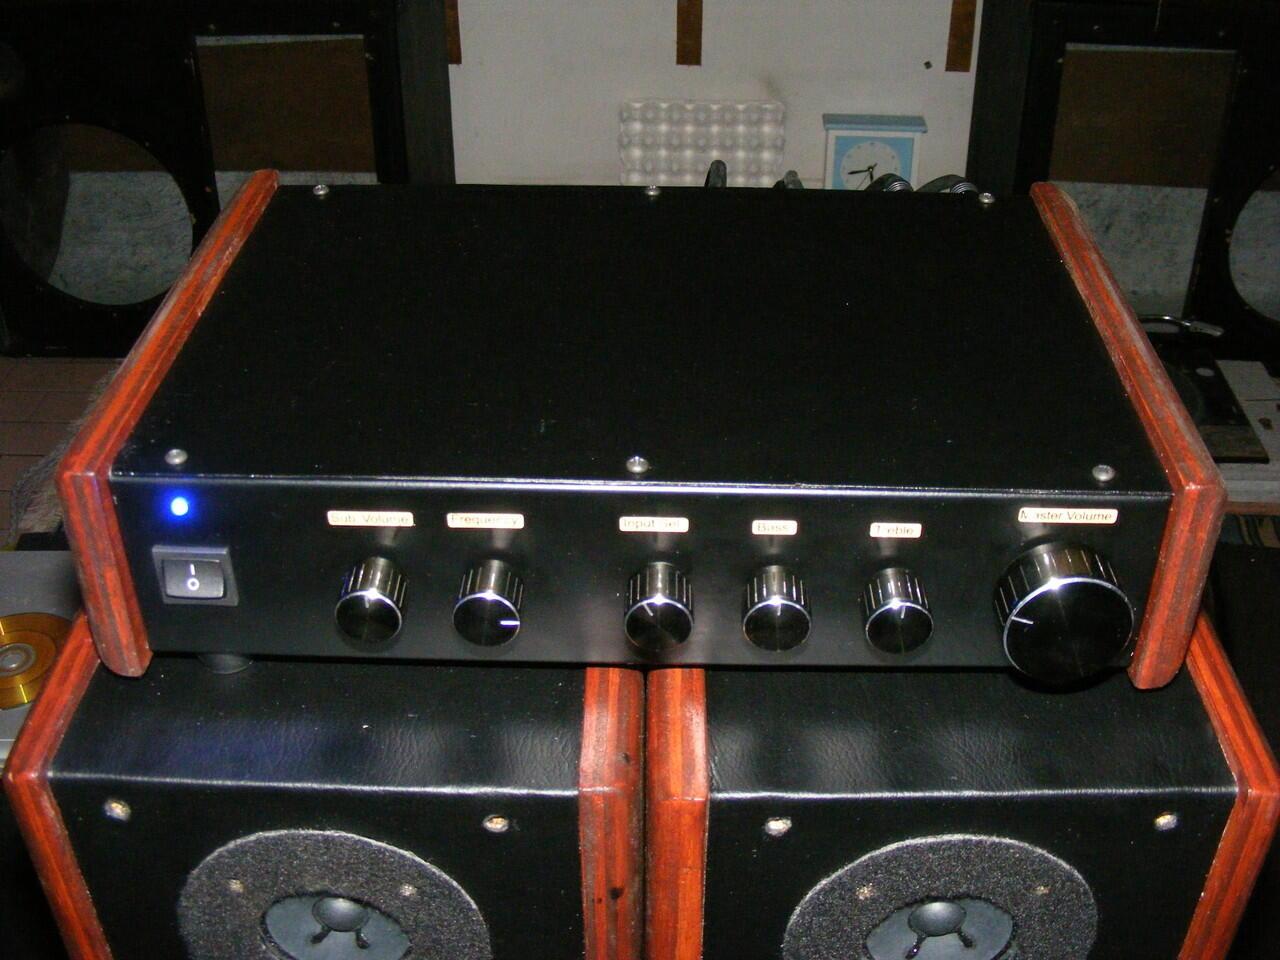 Jual: Sound System 2.1 merk Aurel Bryan, untuk Komputer dan Home Audio